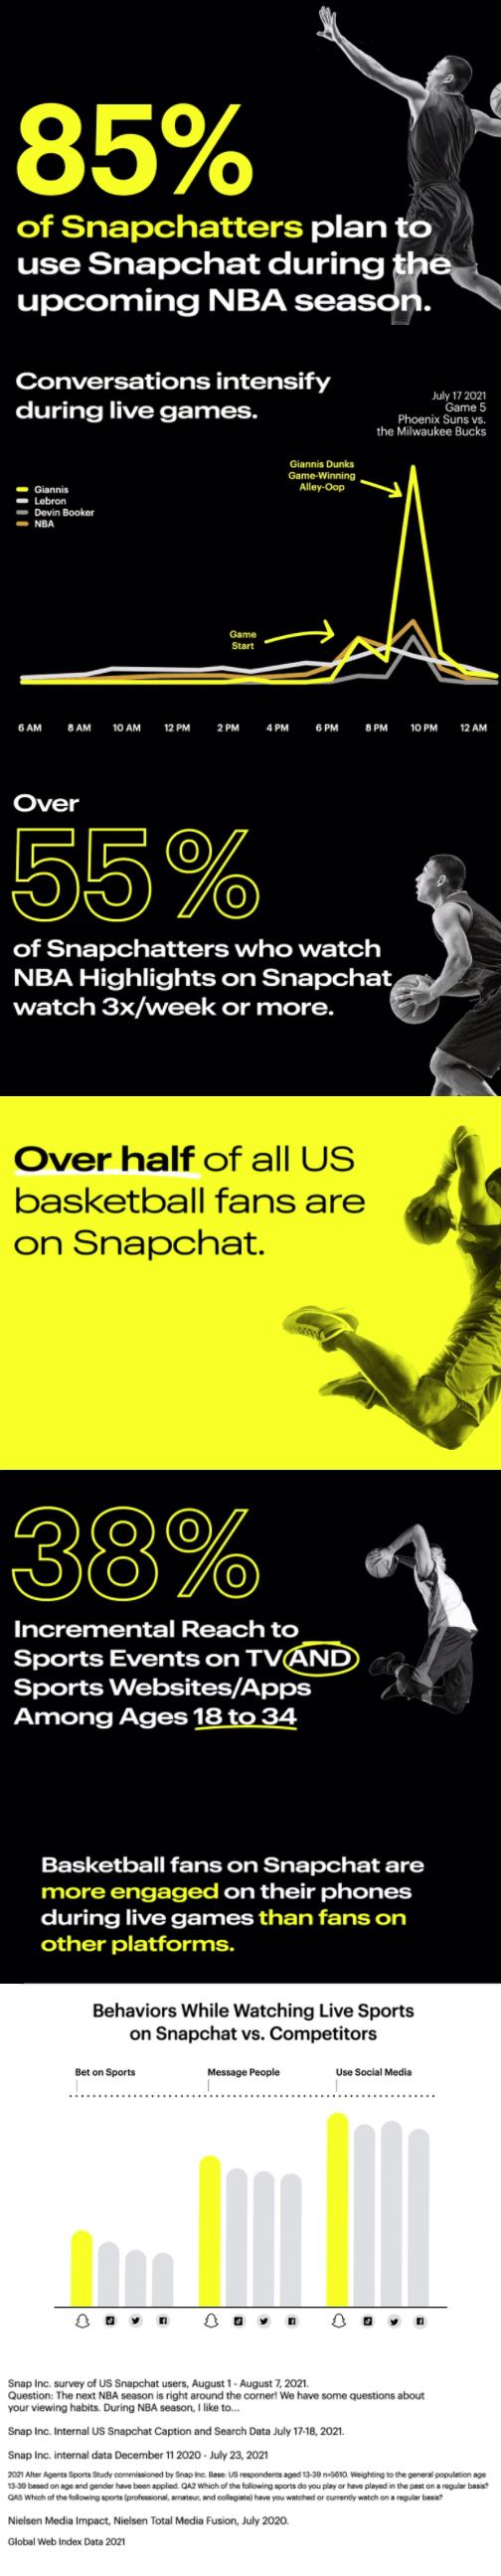 Snapchat NBA engagement stats